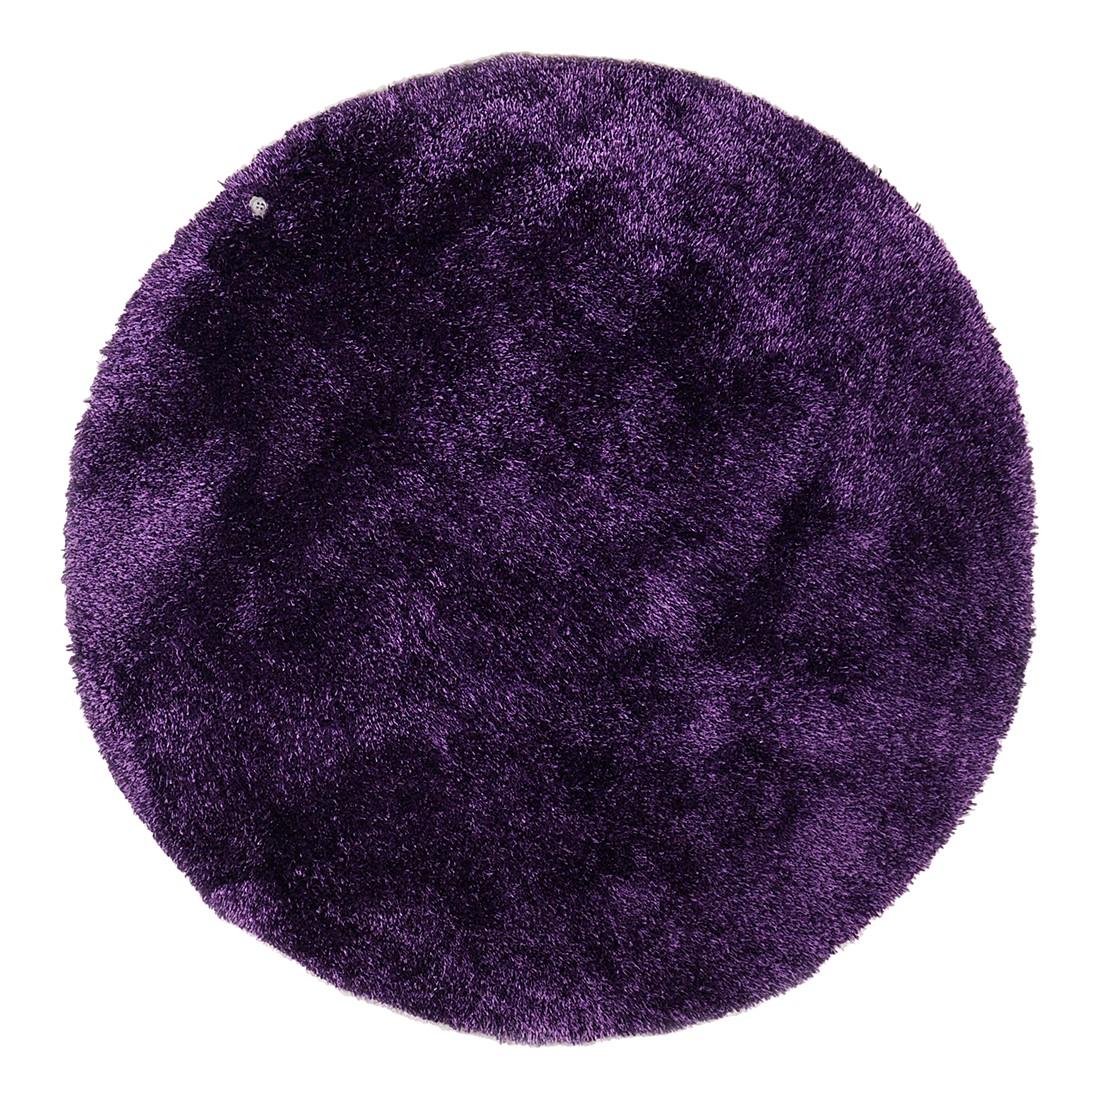 Teppich Soft Round - Violett - Maße: 140 x 140 cm, Tom Tailor